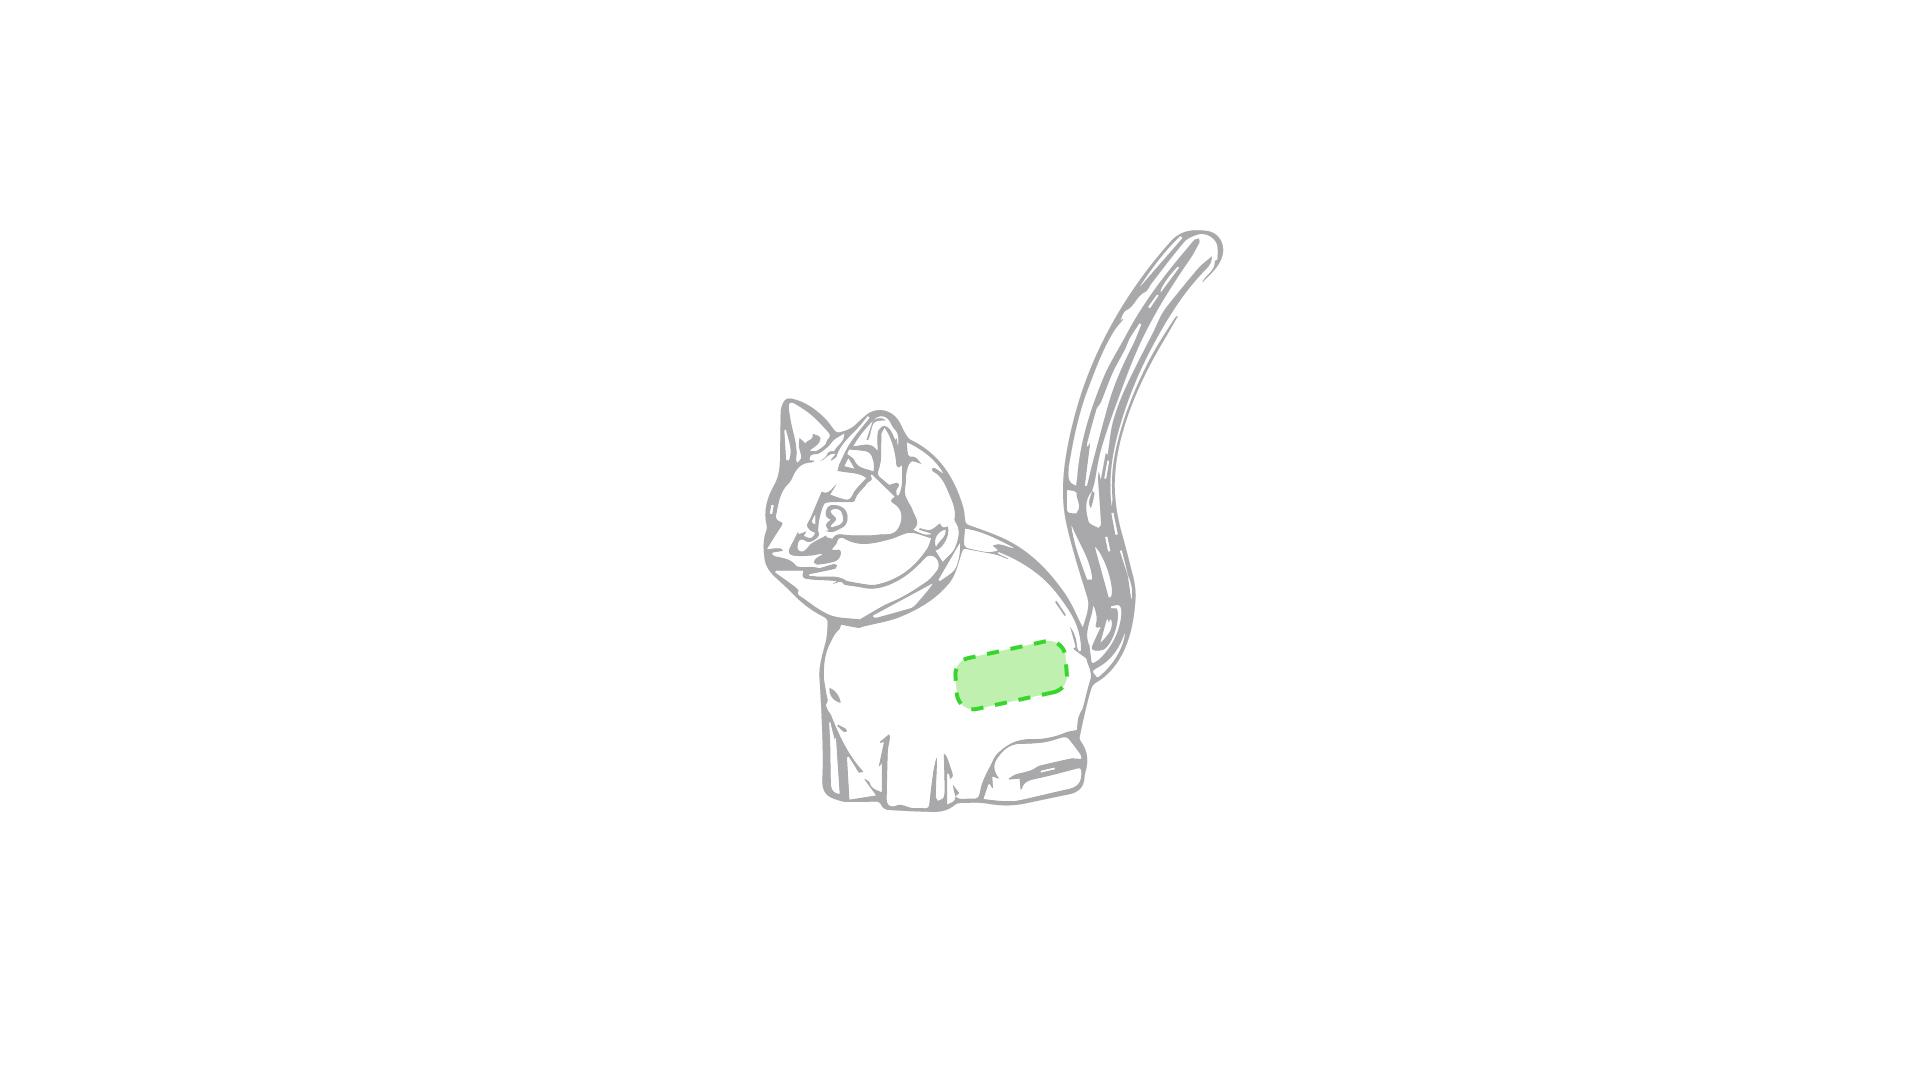 En el lateral del gato